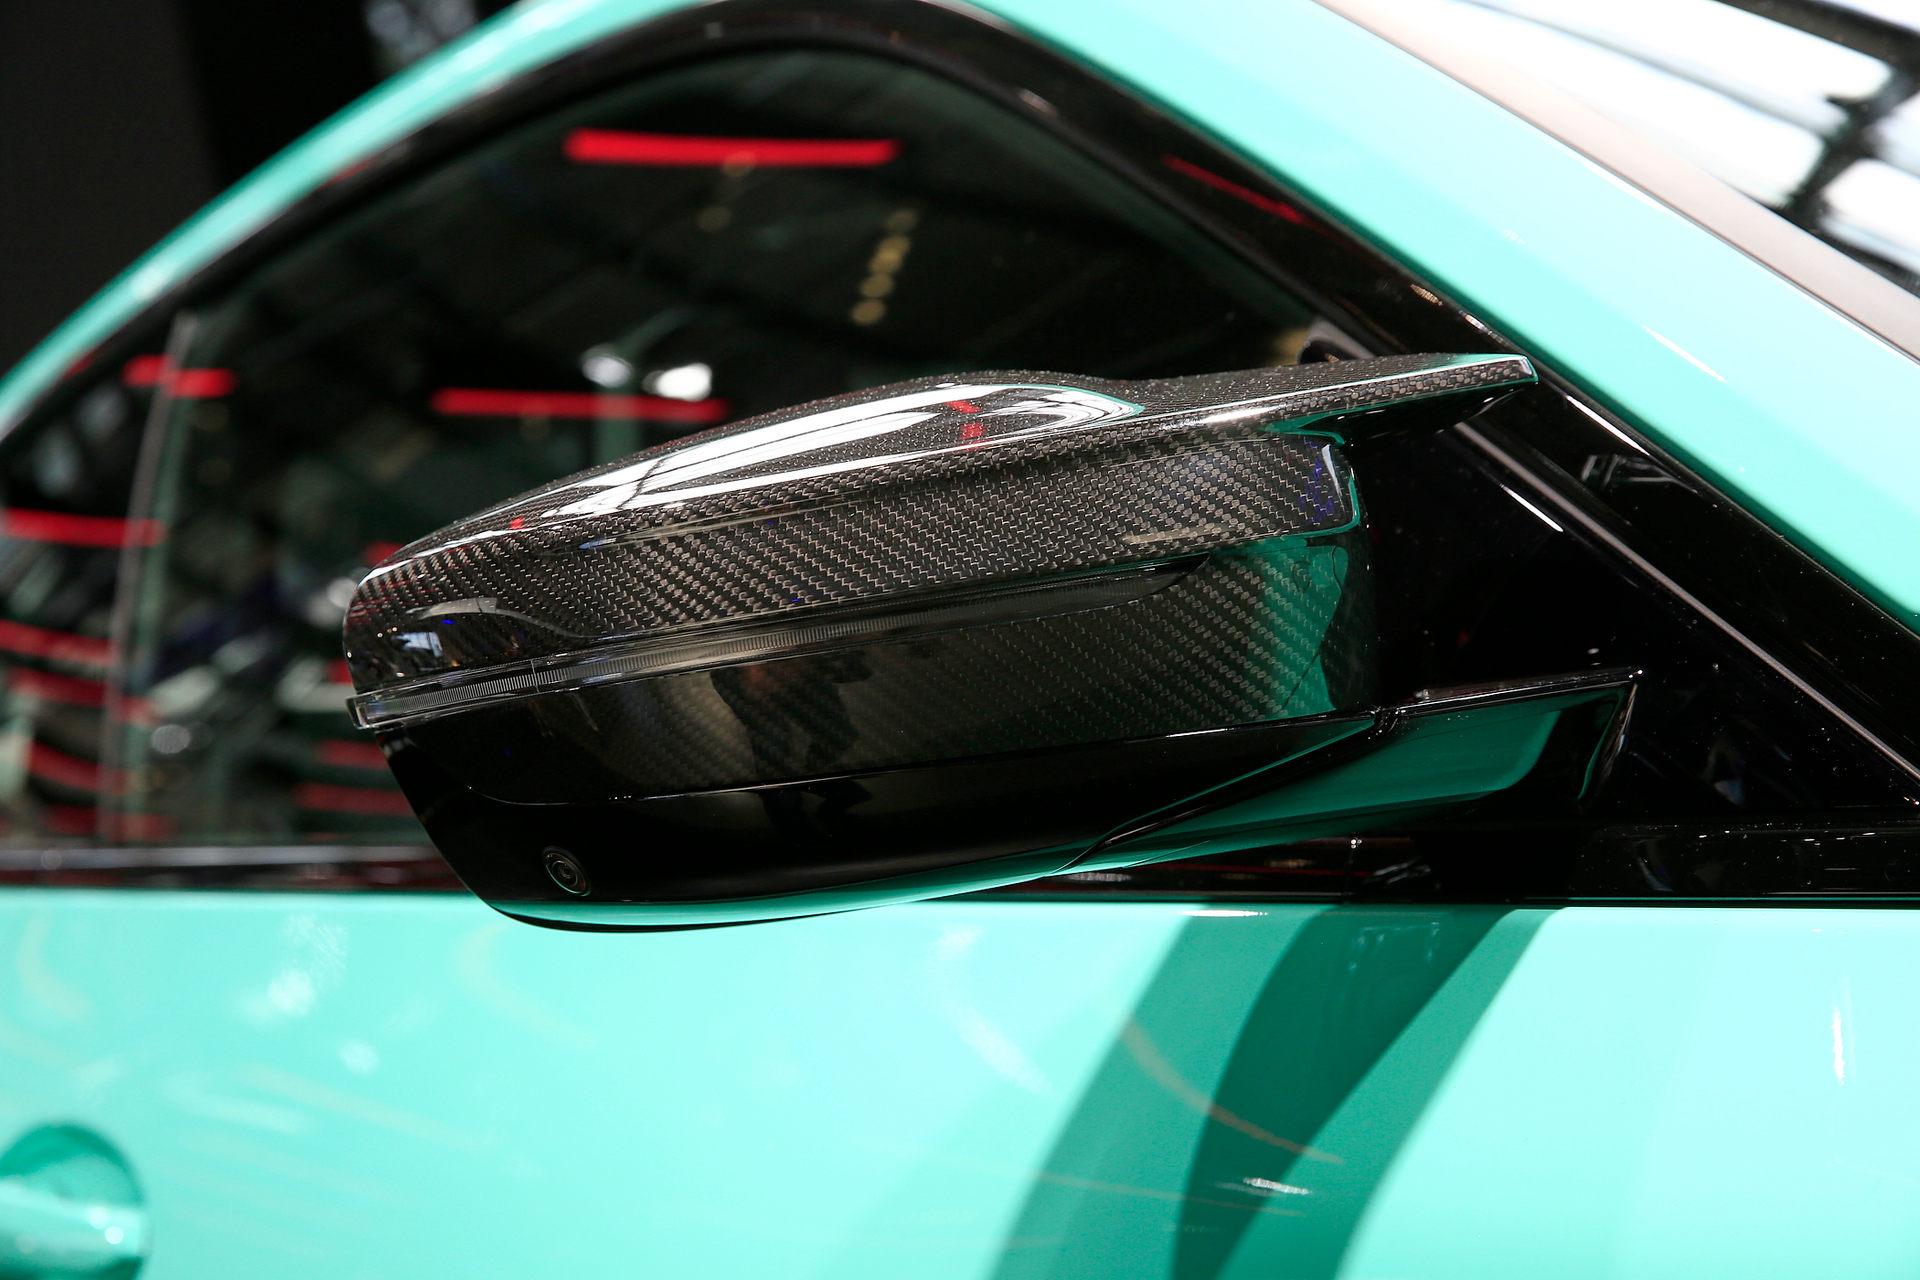 بي إم دبليو BMW M4 Competition المرآة الجانبية